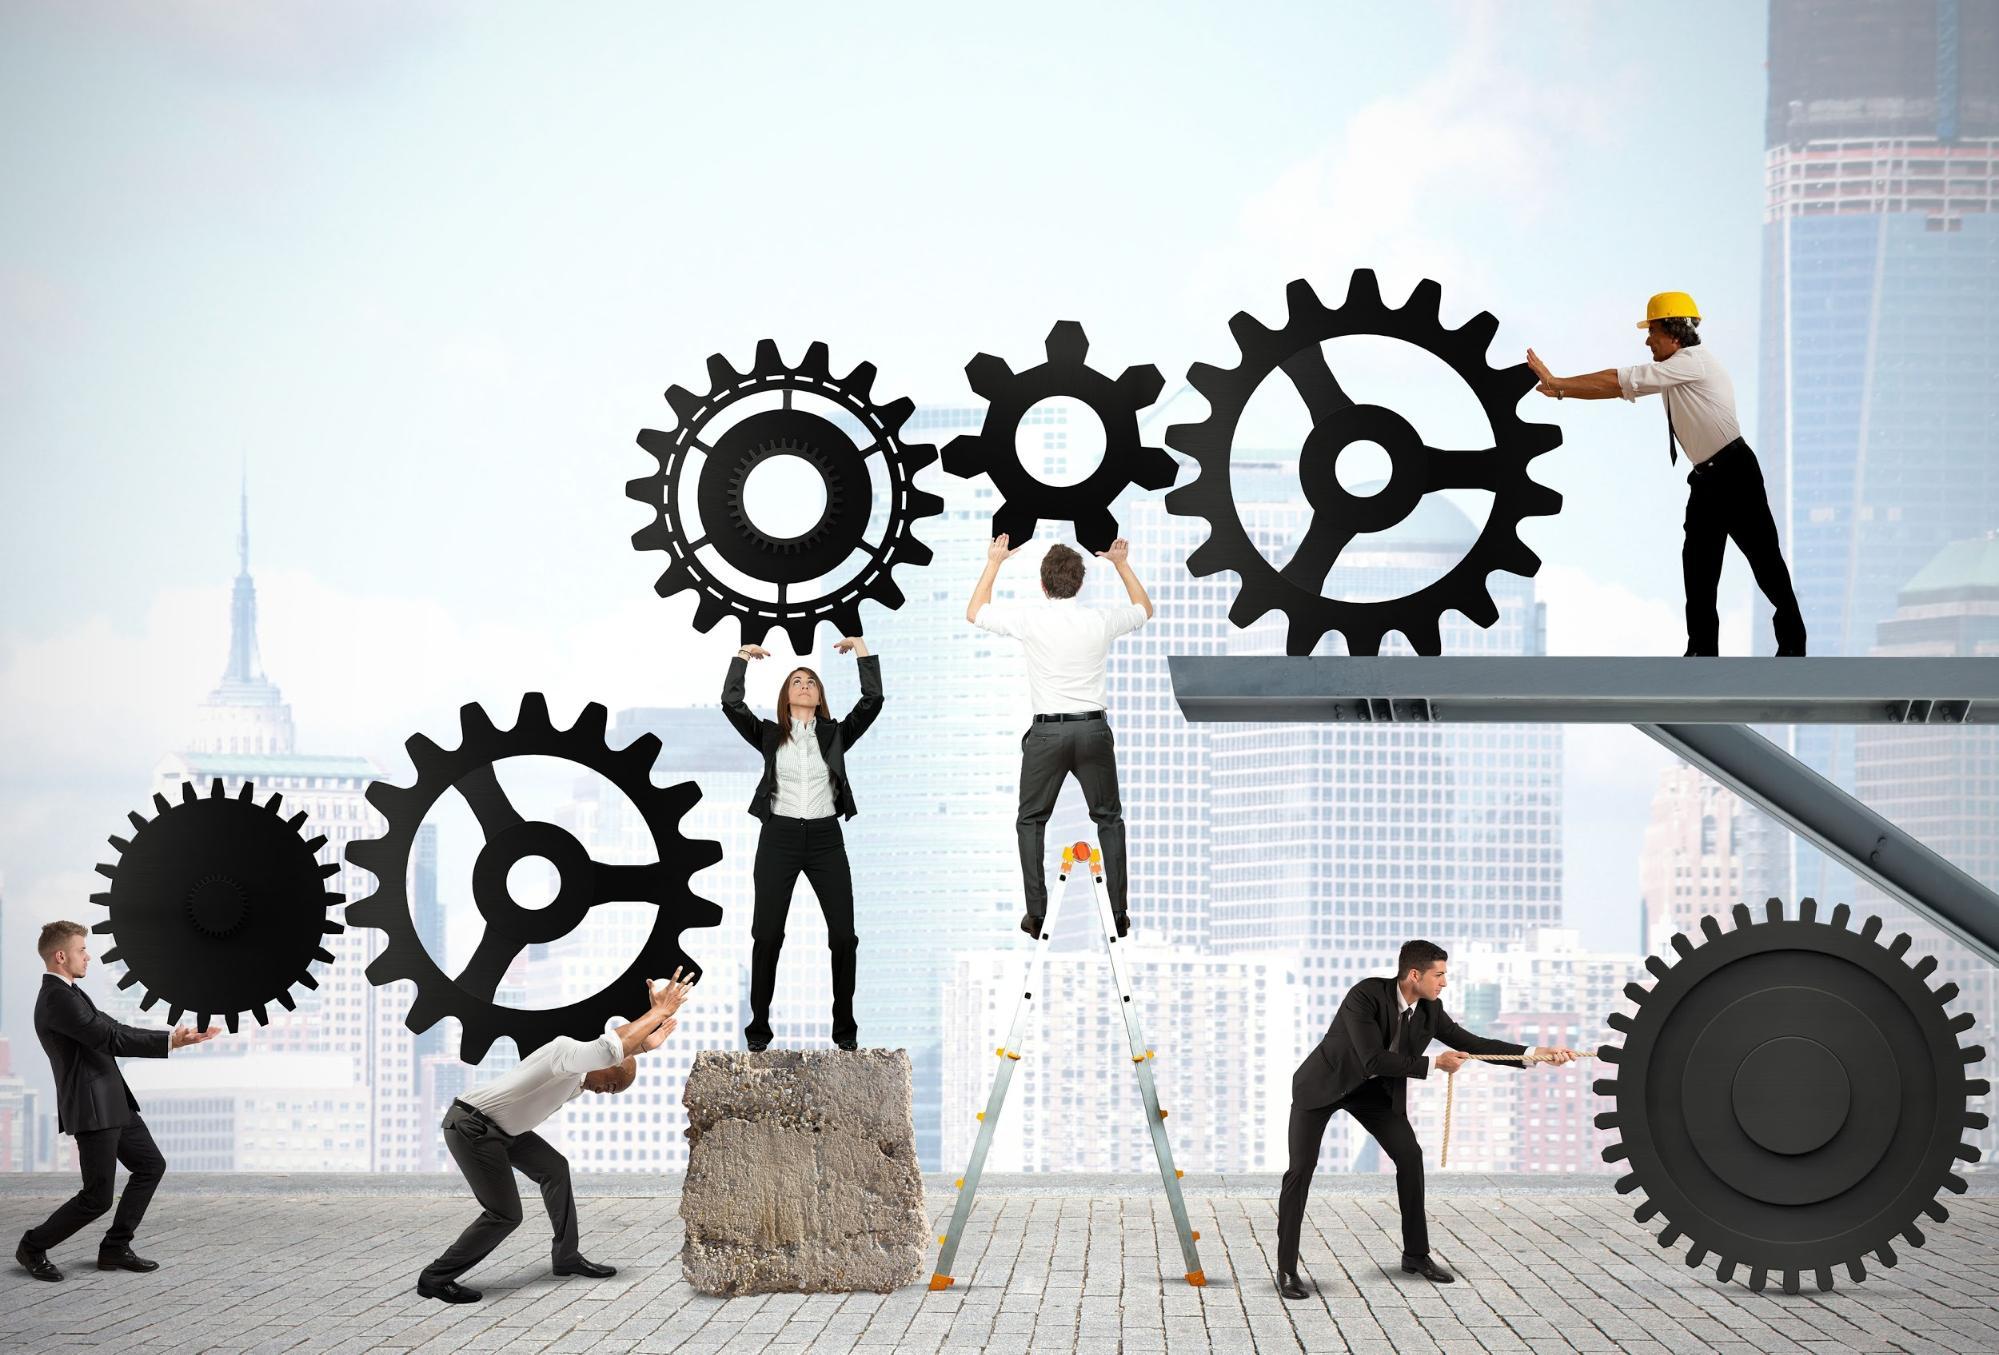 gráfico gente trabajando en equipo